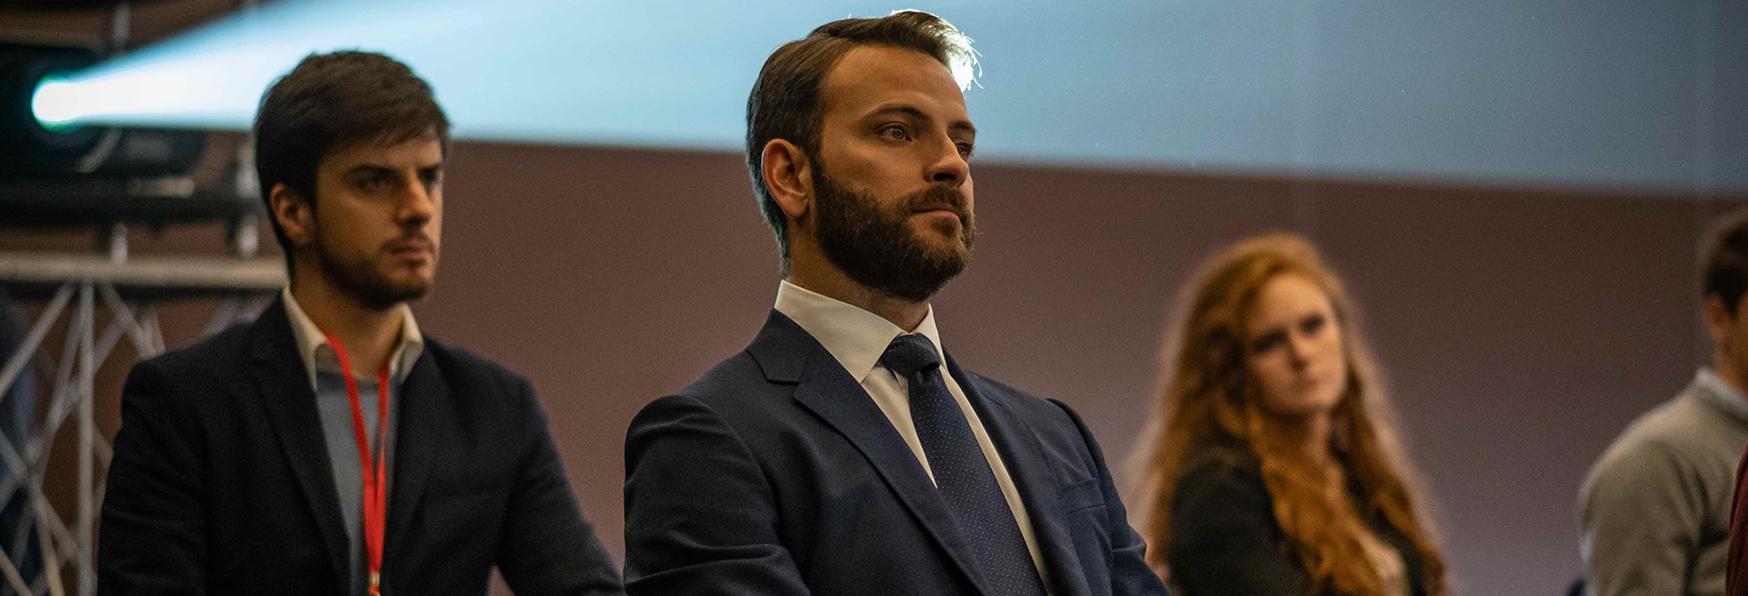 Diavoli: Alessandro Borghi commenta la Serie TV con i The Jackal